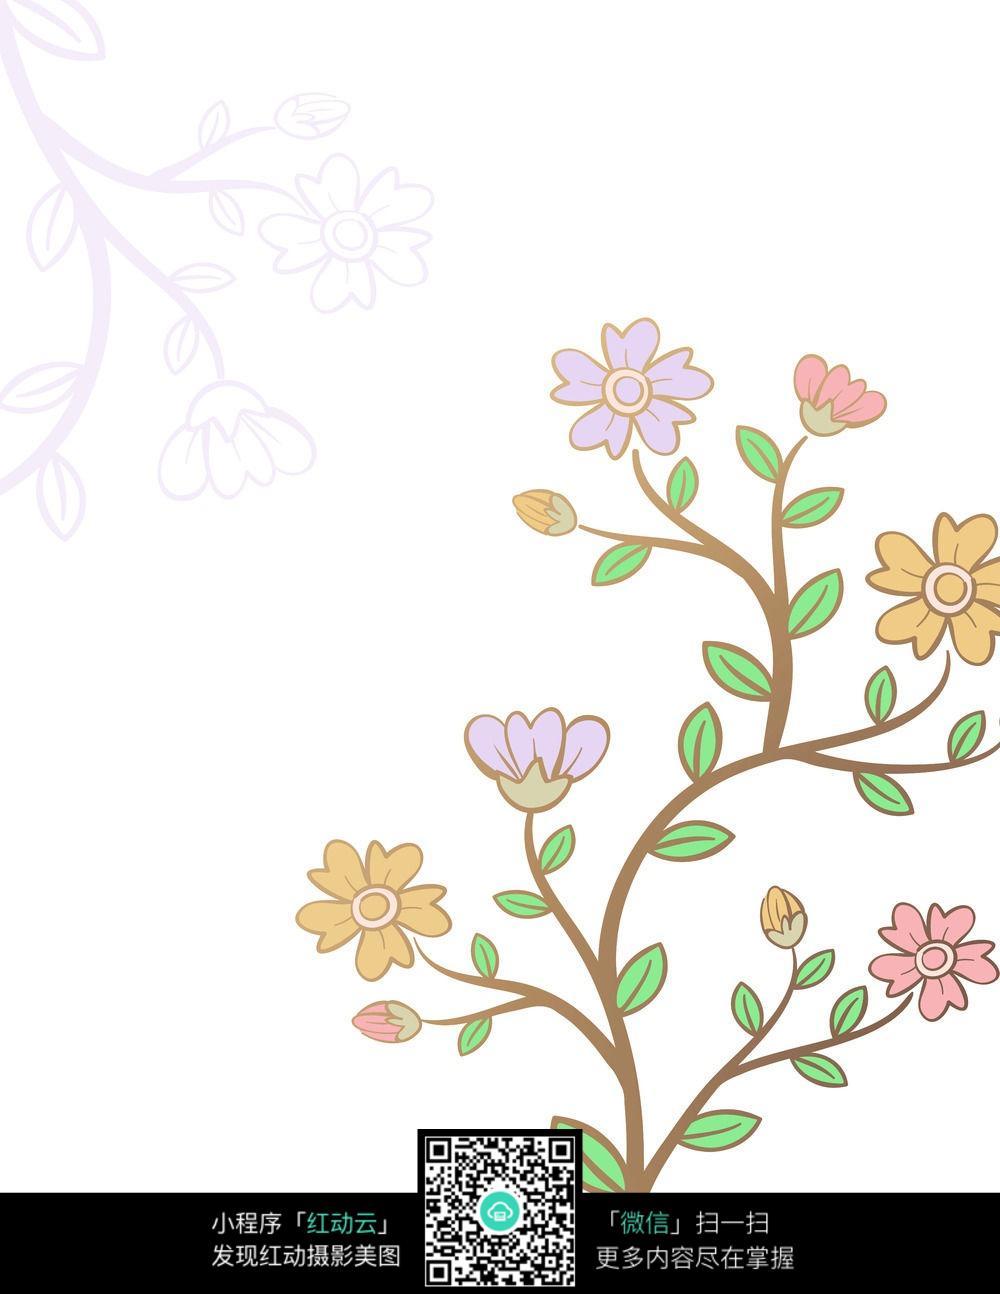 卡通花卉背景图